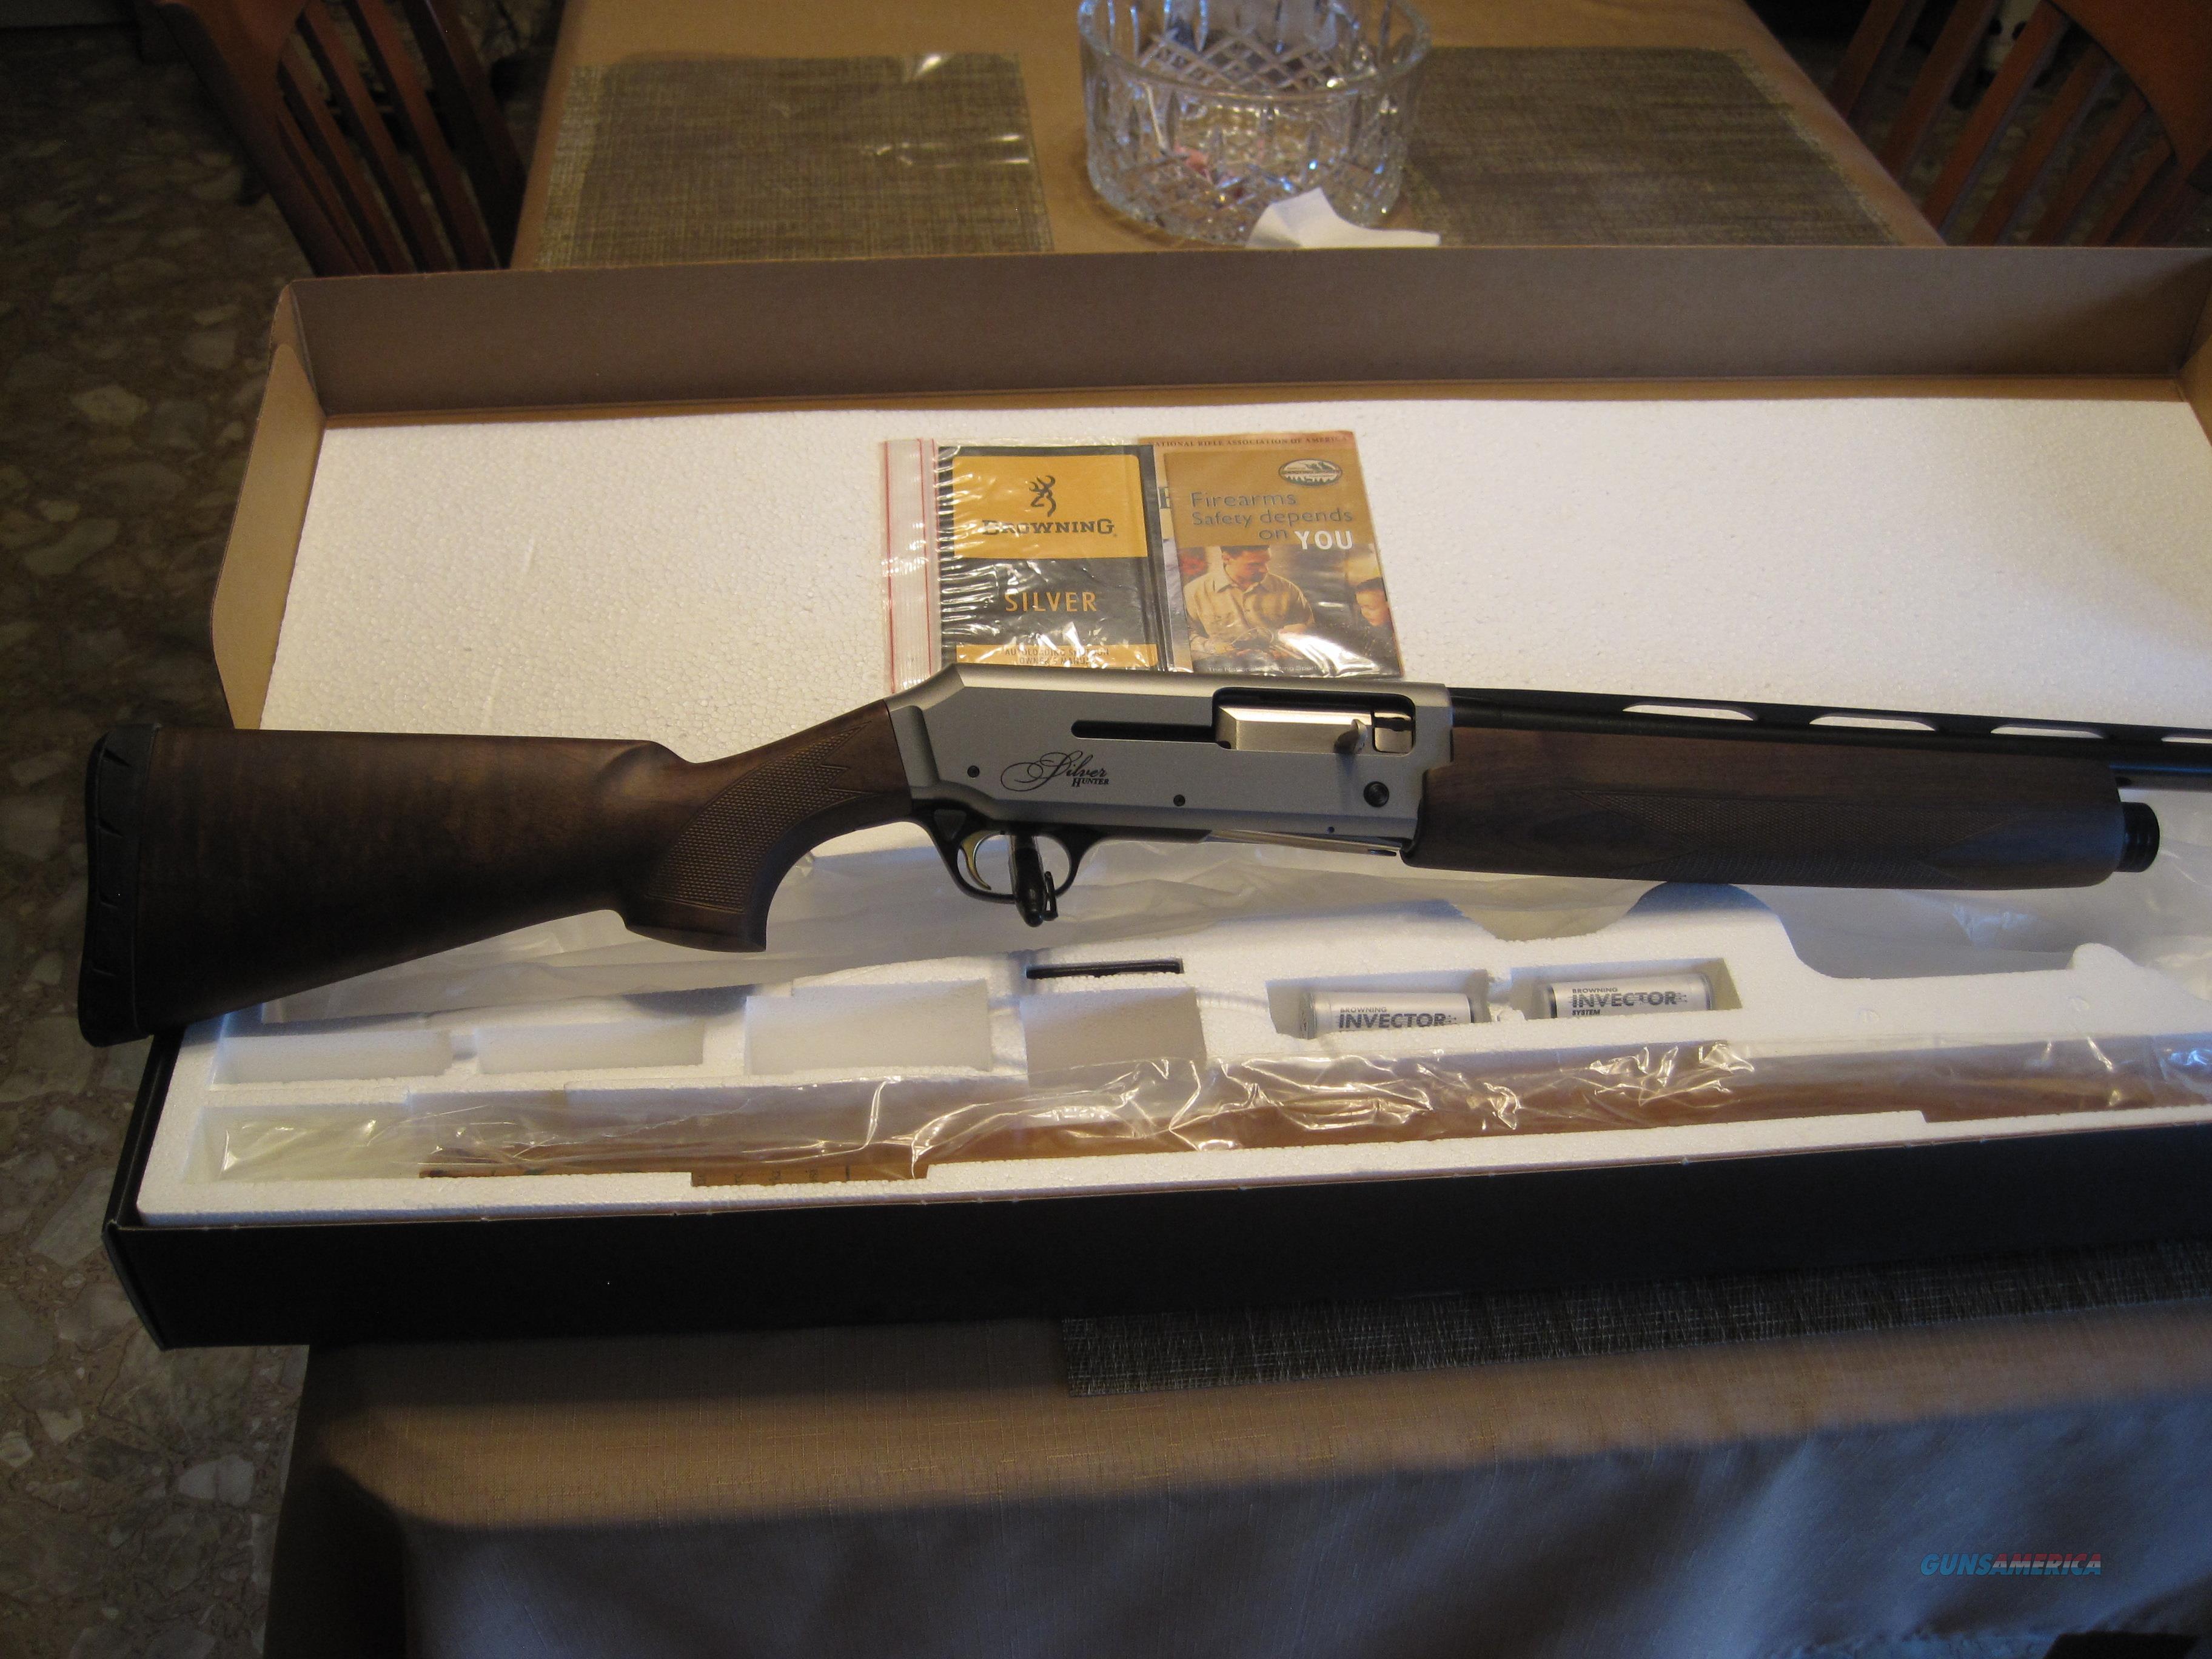 Browning Silver Hunter Micro  Guns > Shotguns > Browning Shotguns > Autoloaders > Hunting